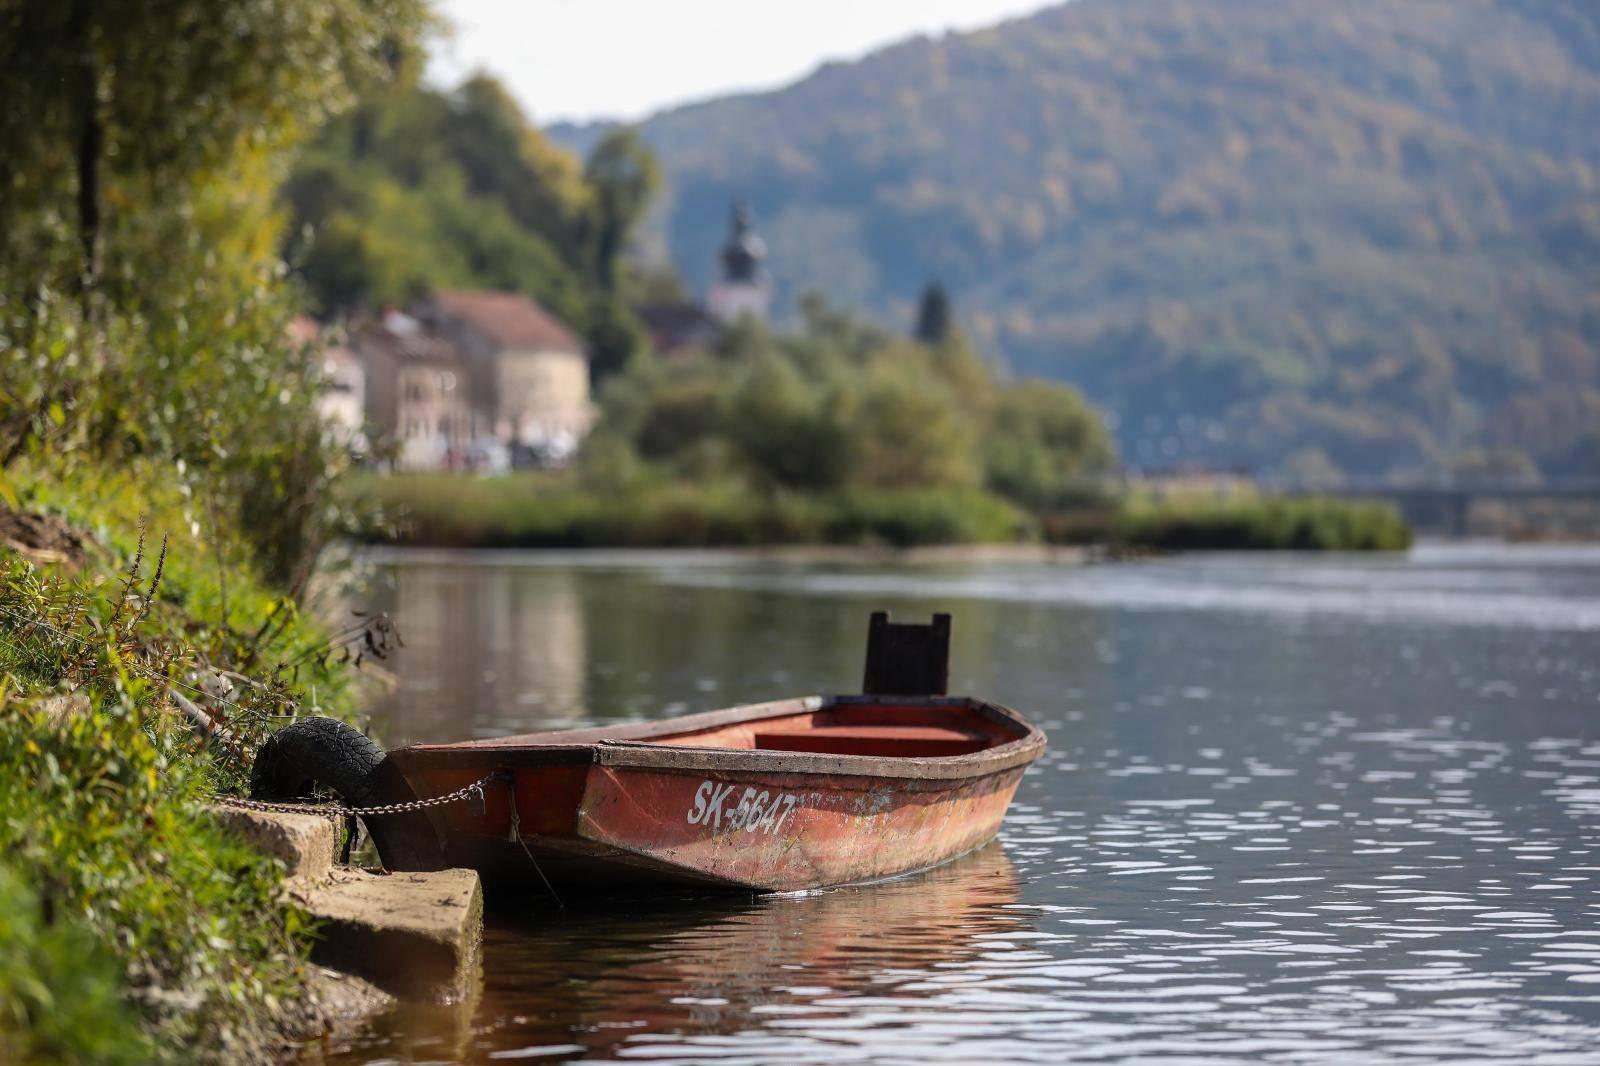 Rijeka Una - granica Hrvatske kostajnice i BiH